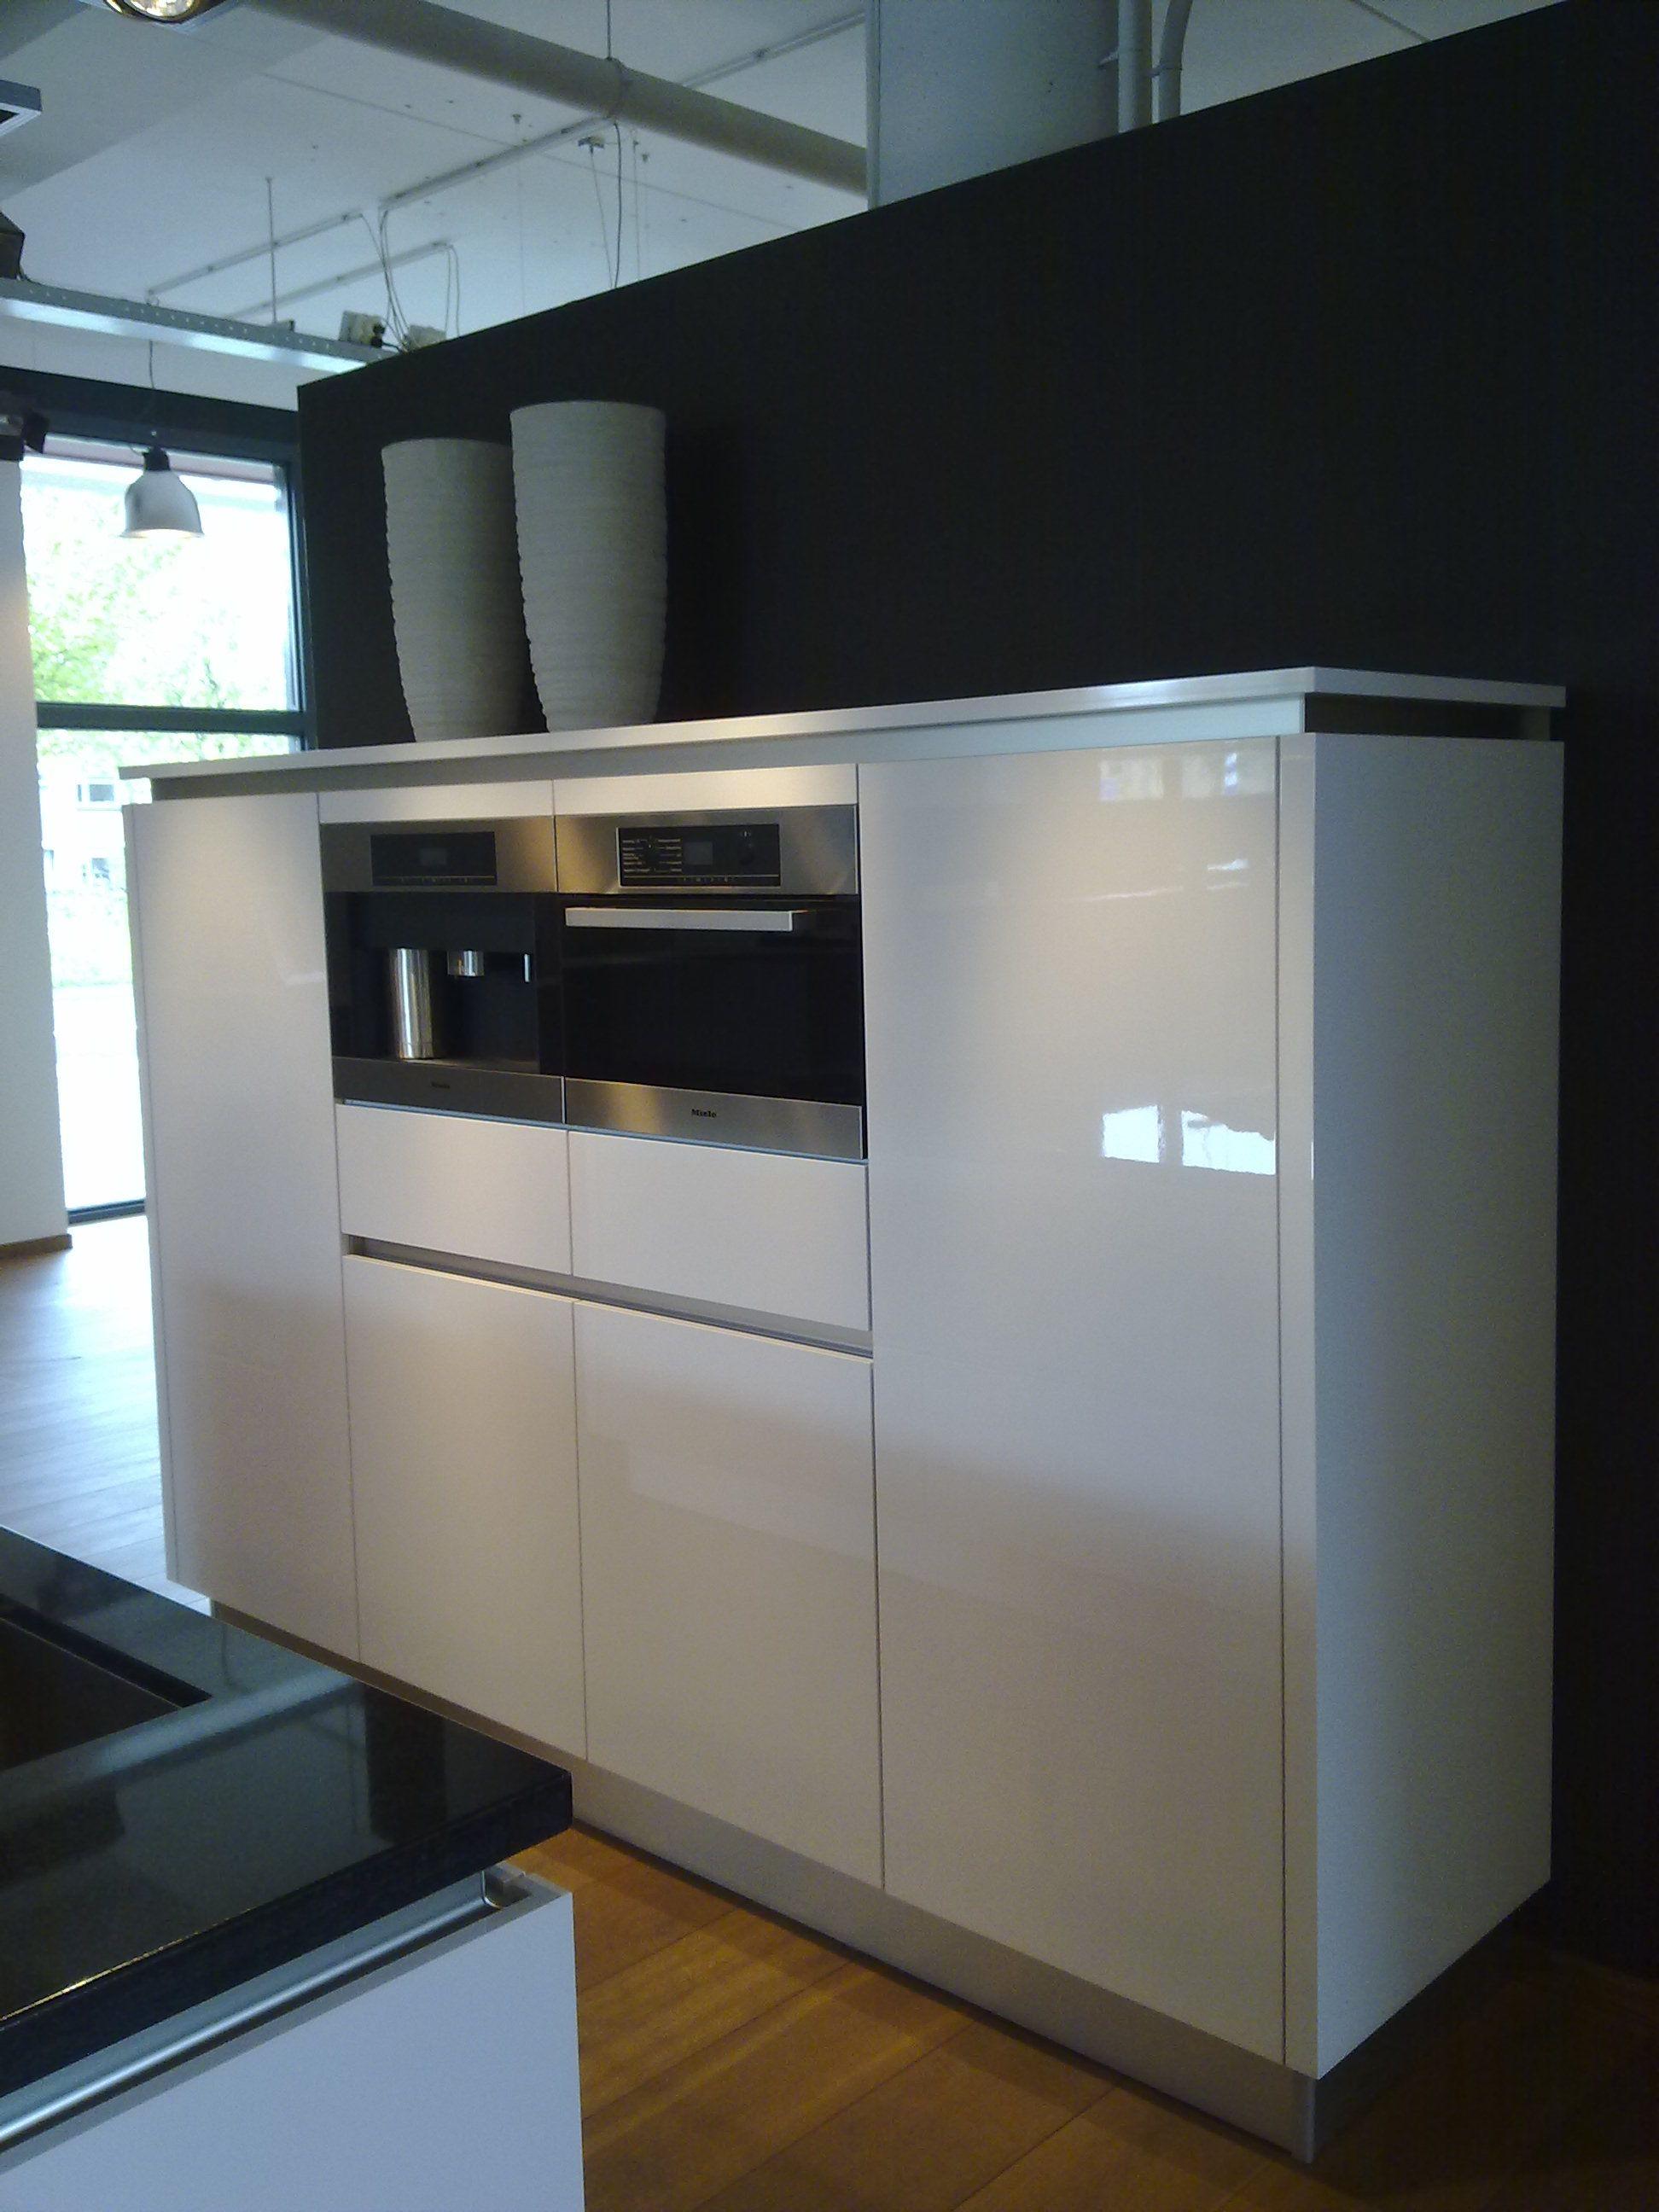 Keukenprijs altijd de beste keukenprijs keller greeploze hoogglans keuken 54220 - De beste hedendaagse keukens ...